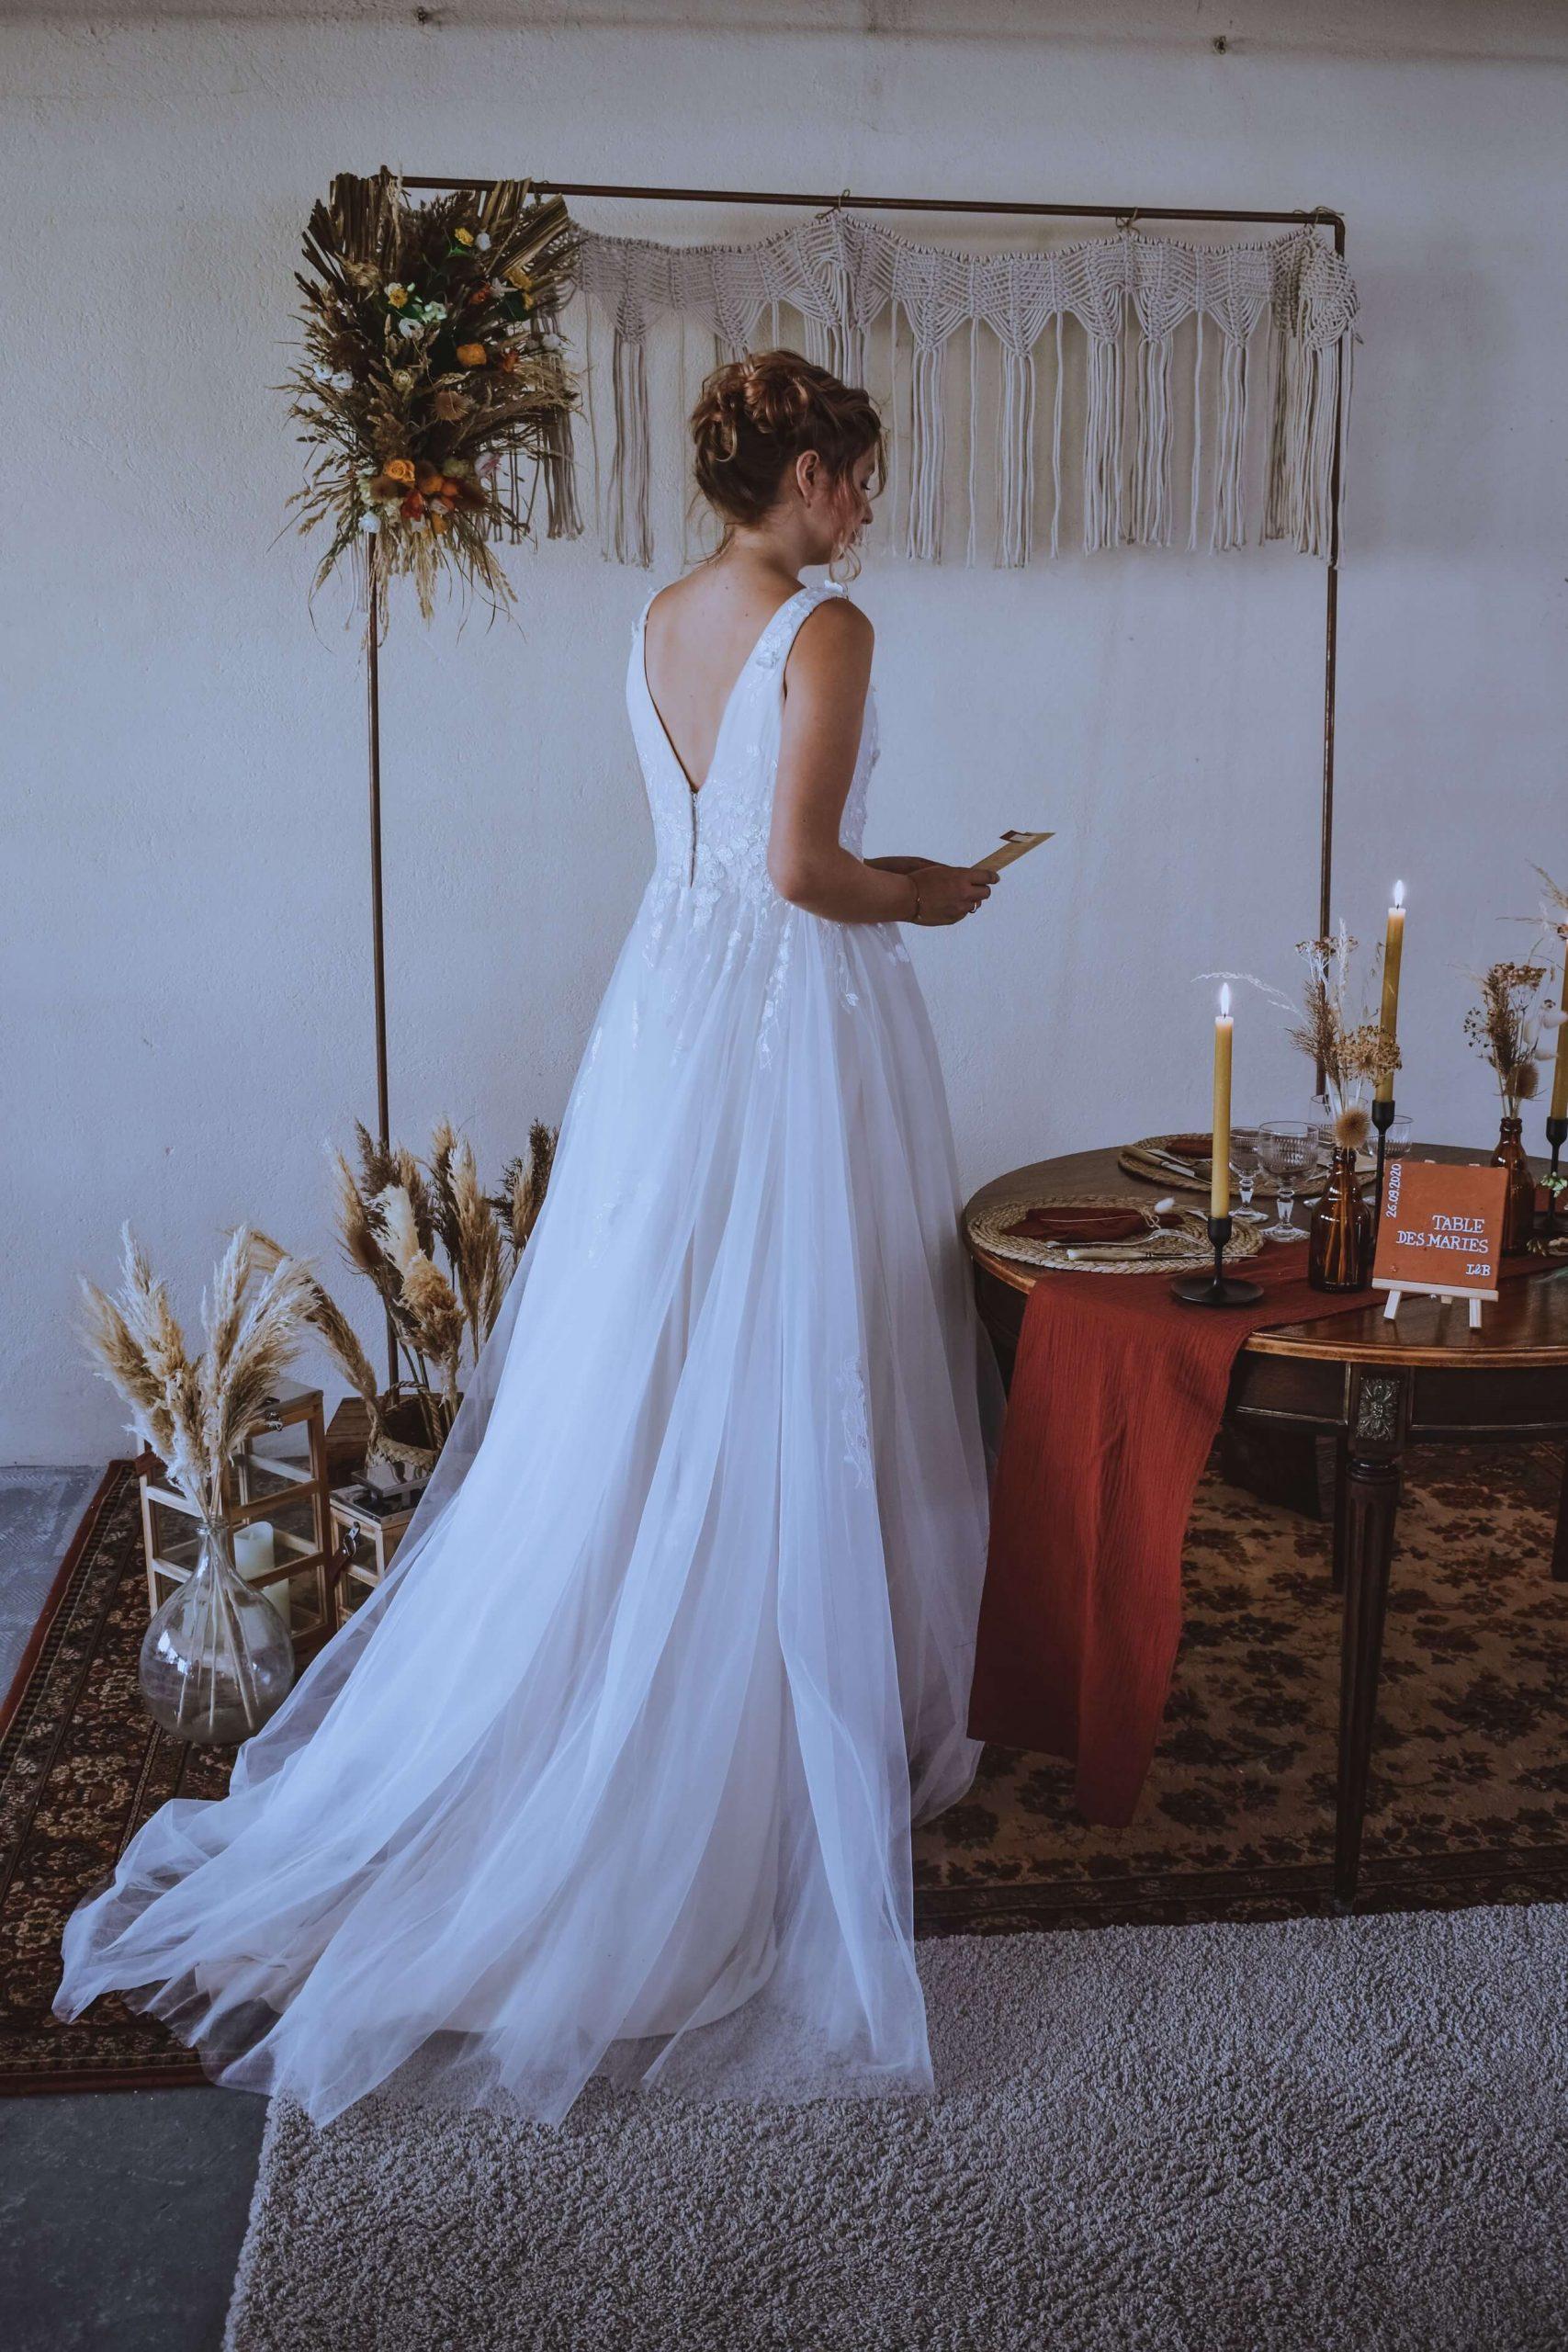 Shooting mariage Manon Pilorge Camandco events boutique Elie Pour Elle